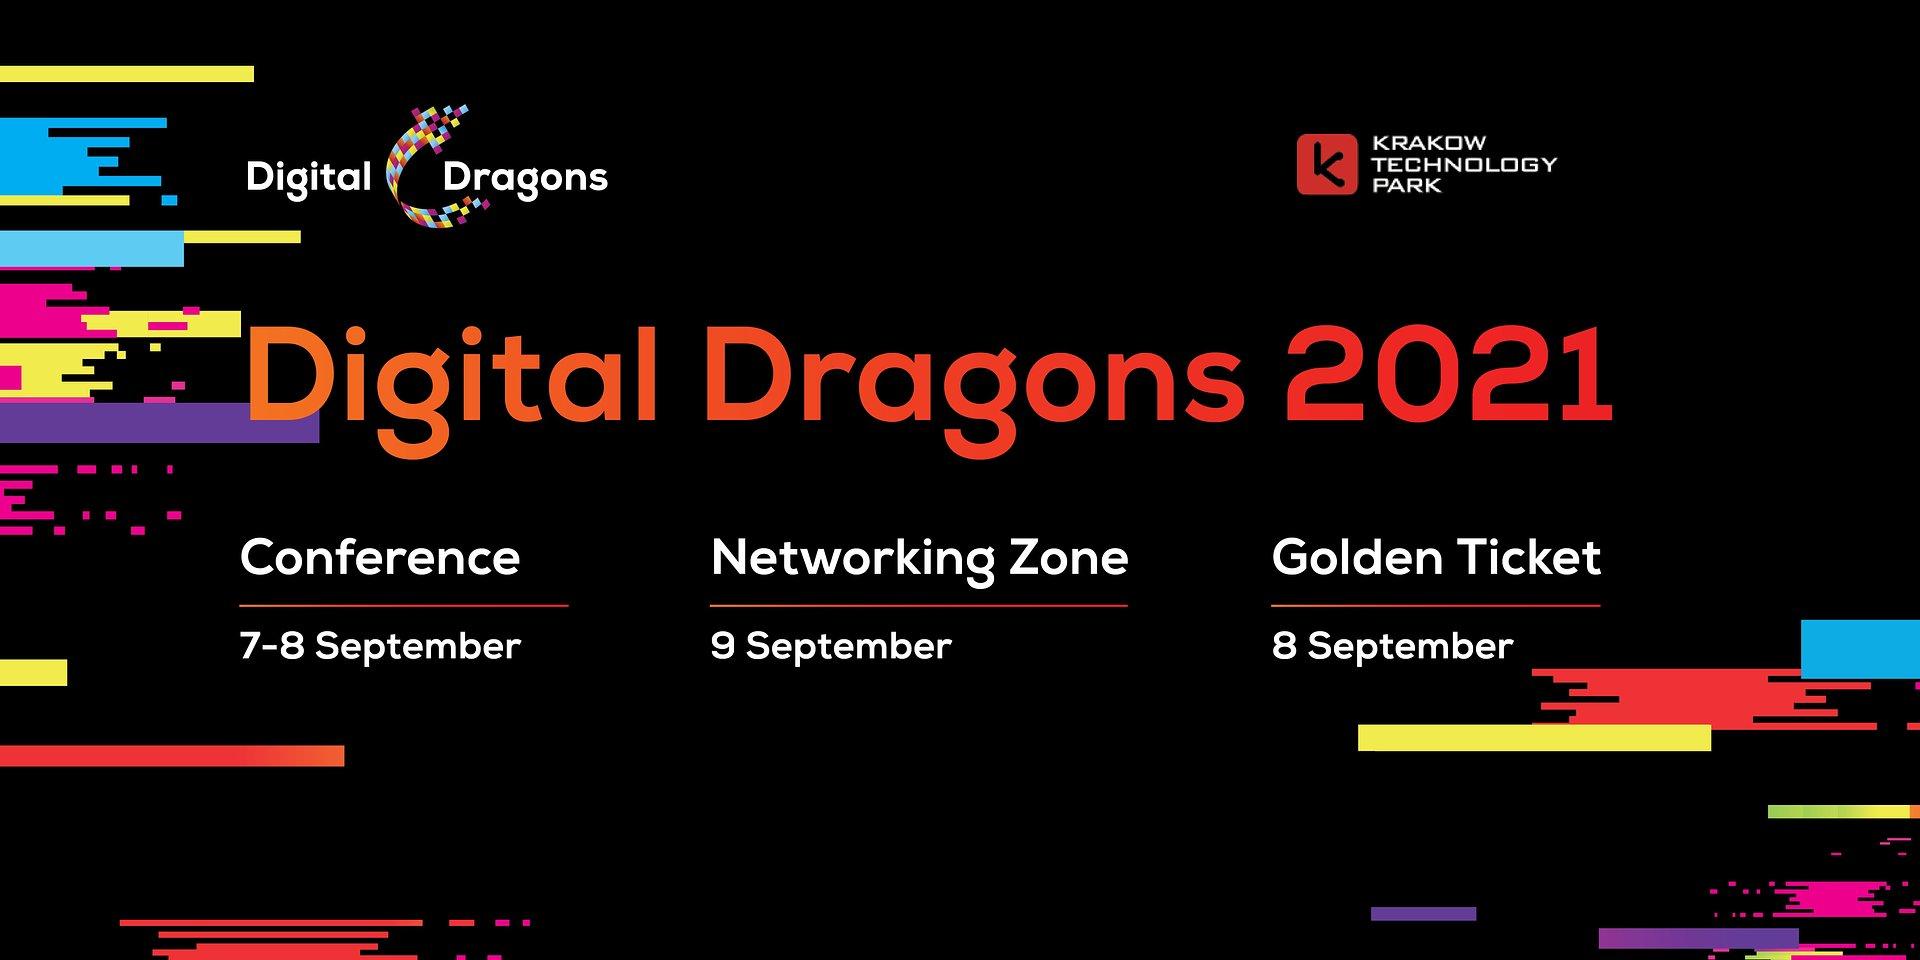 Объявлена дата проведения Digital Dragons, онлайн и офлайн. Плюс - представляем спикеров!